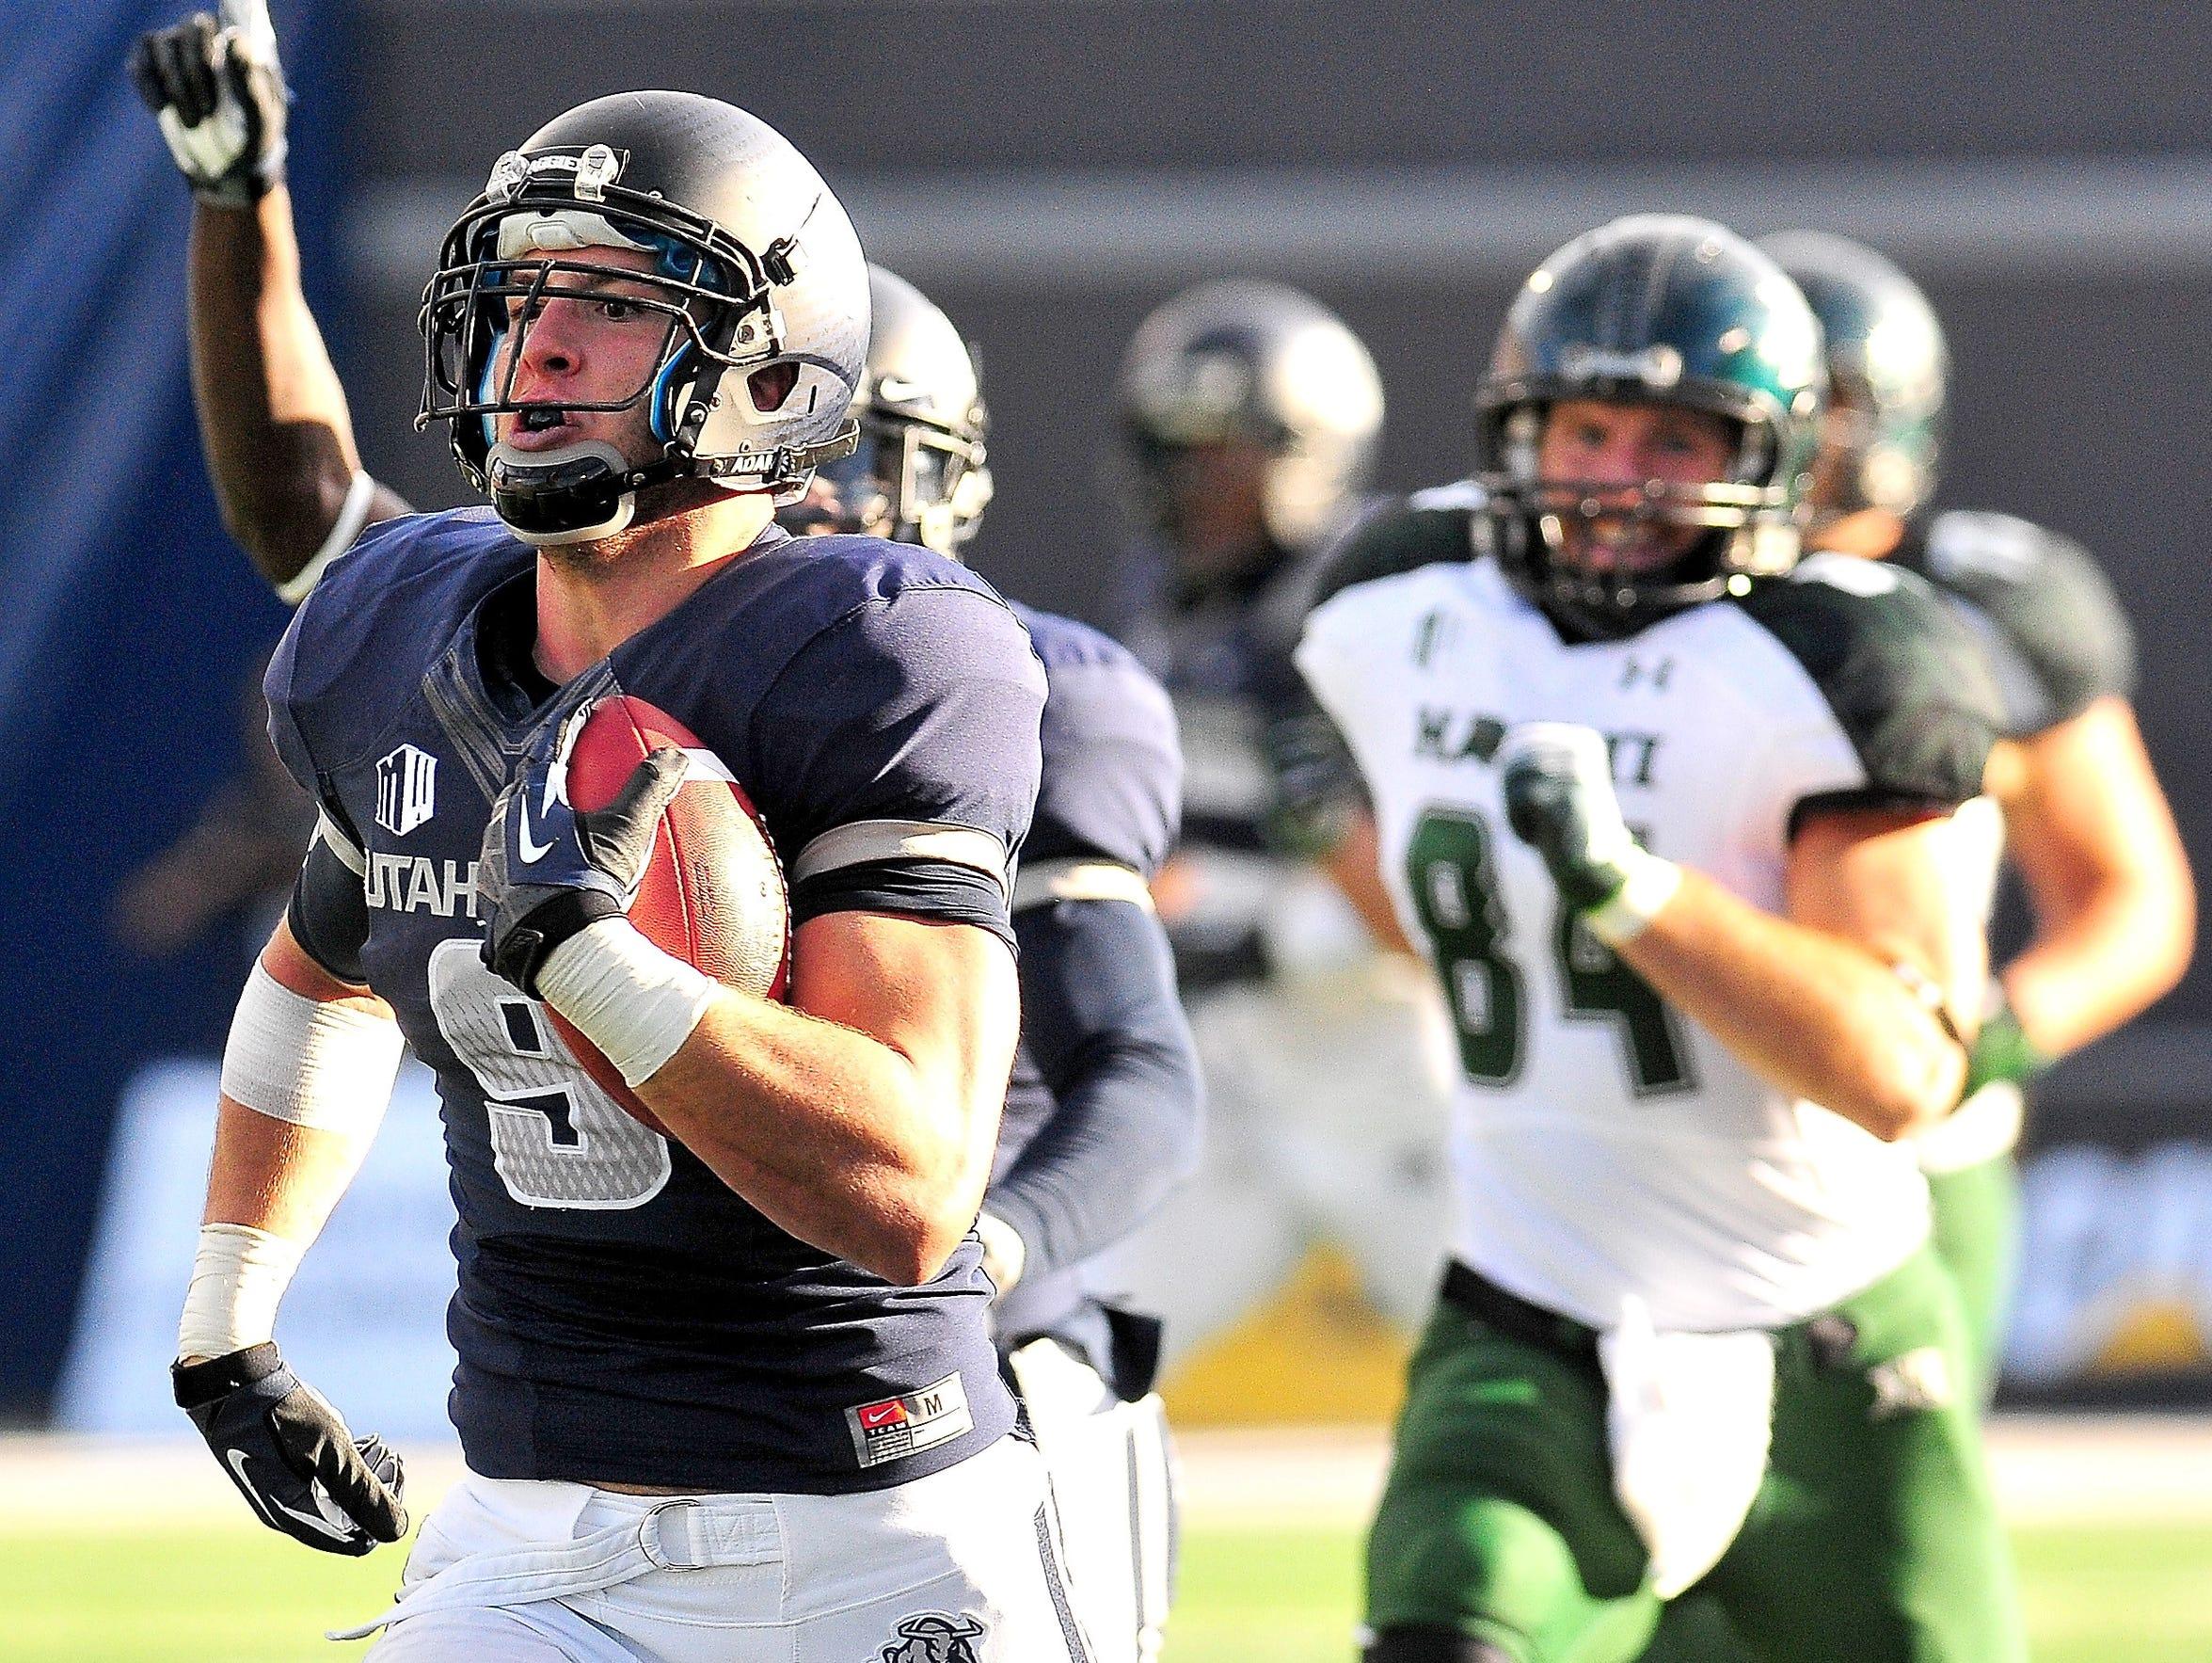 Utah State linebacker Kyler Fackrell (9) returns an